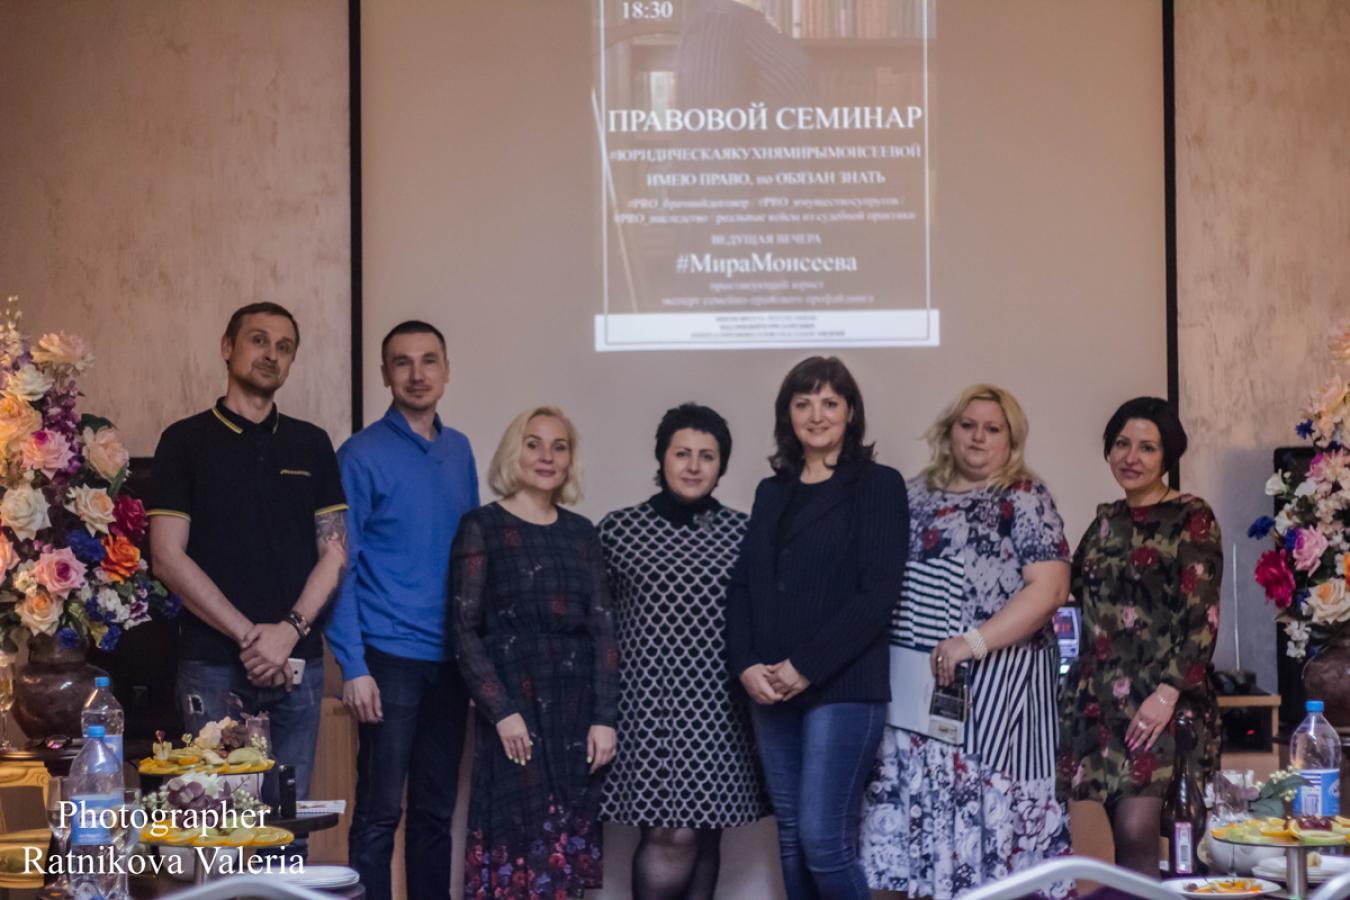 """Бизнес-клуб """"Империал"""": Правовой семинар"""